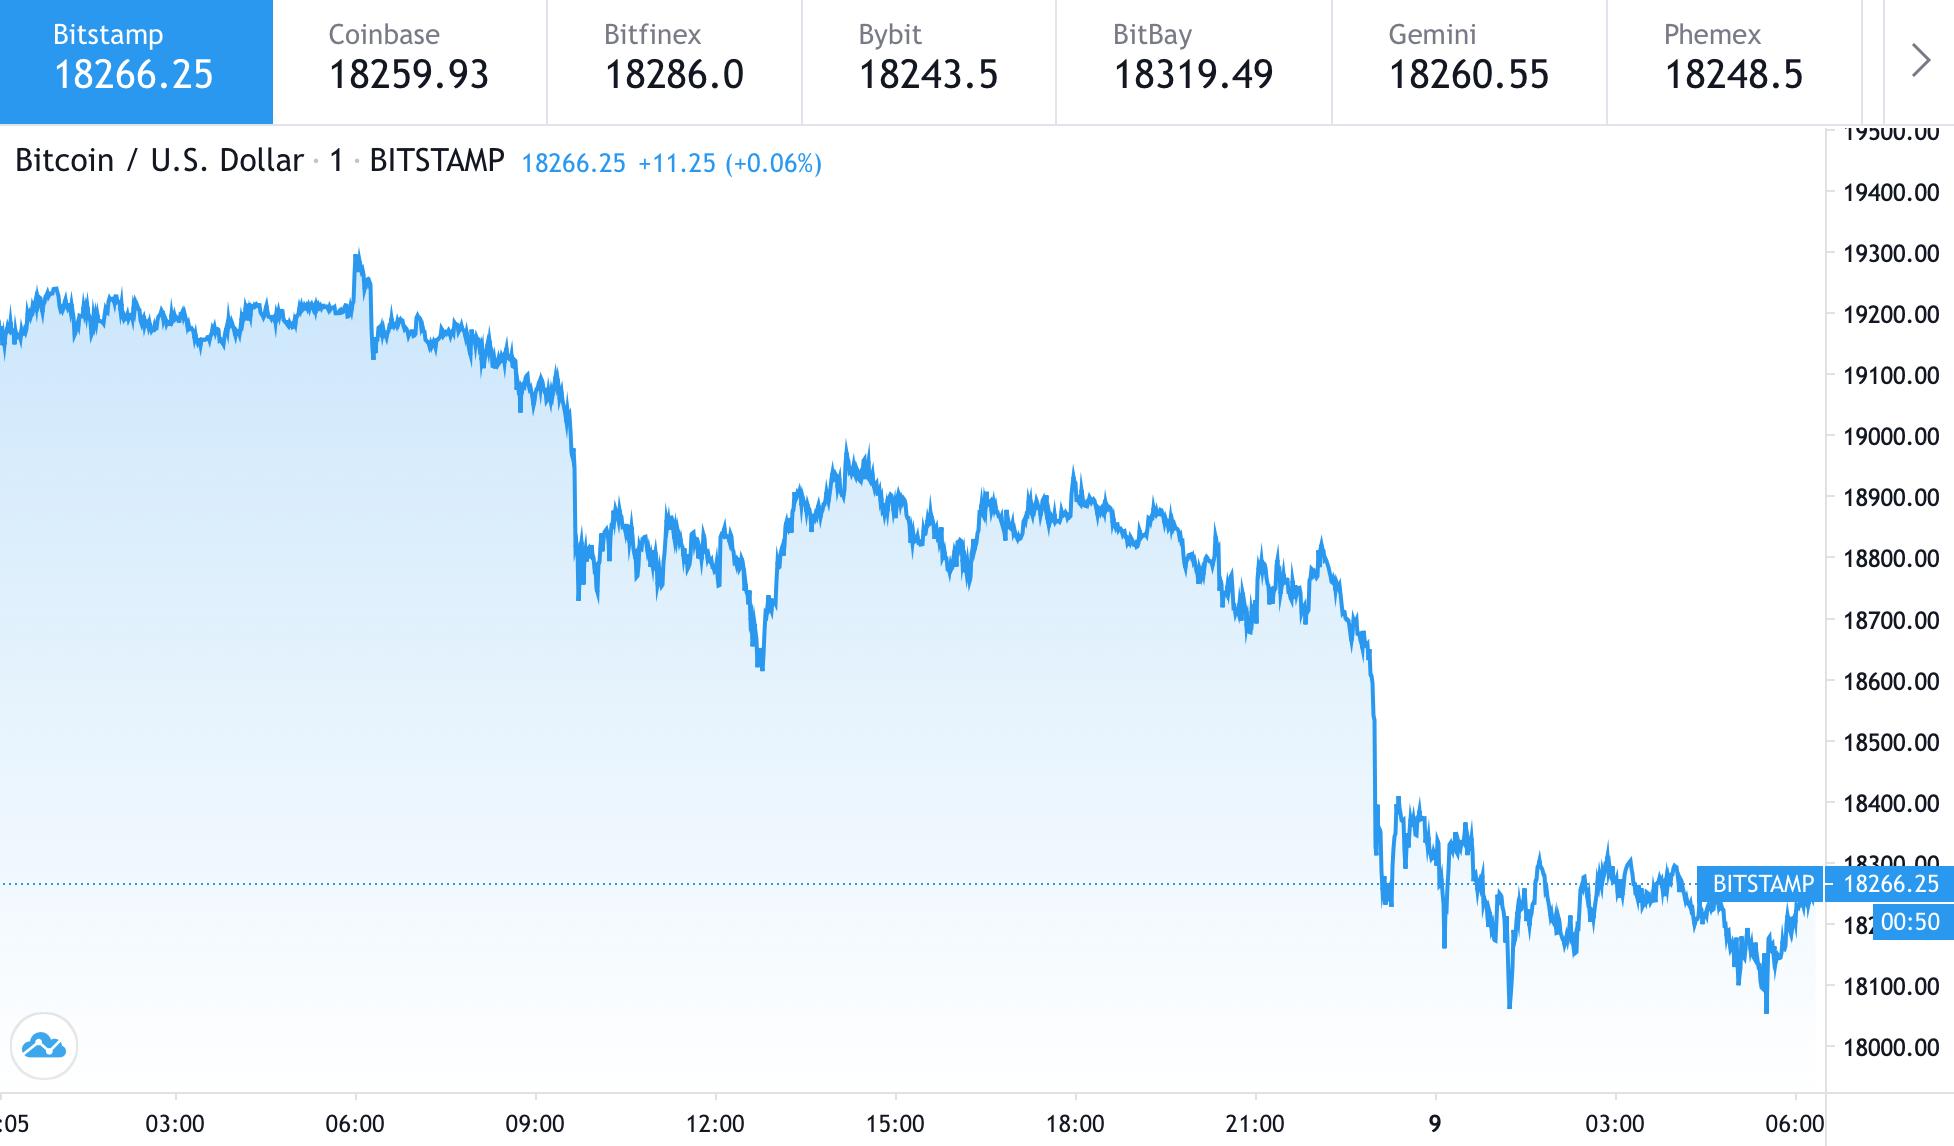 График цены биткоина за последние сутки